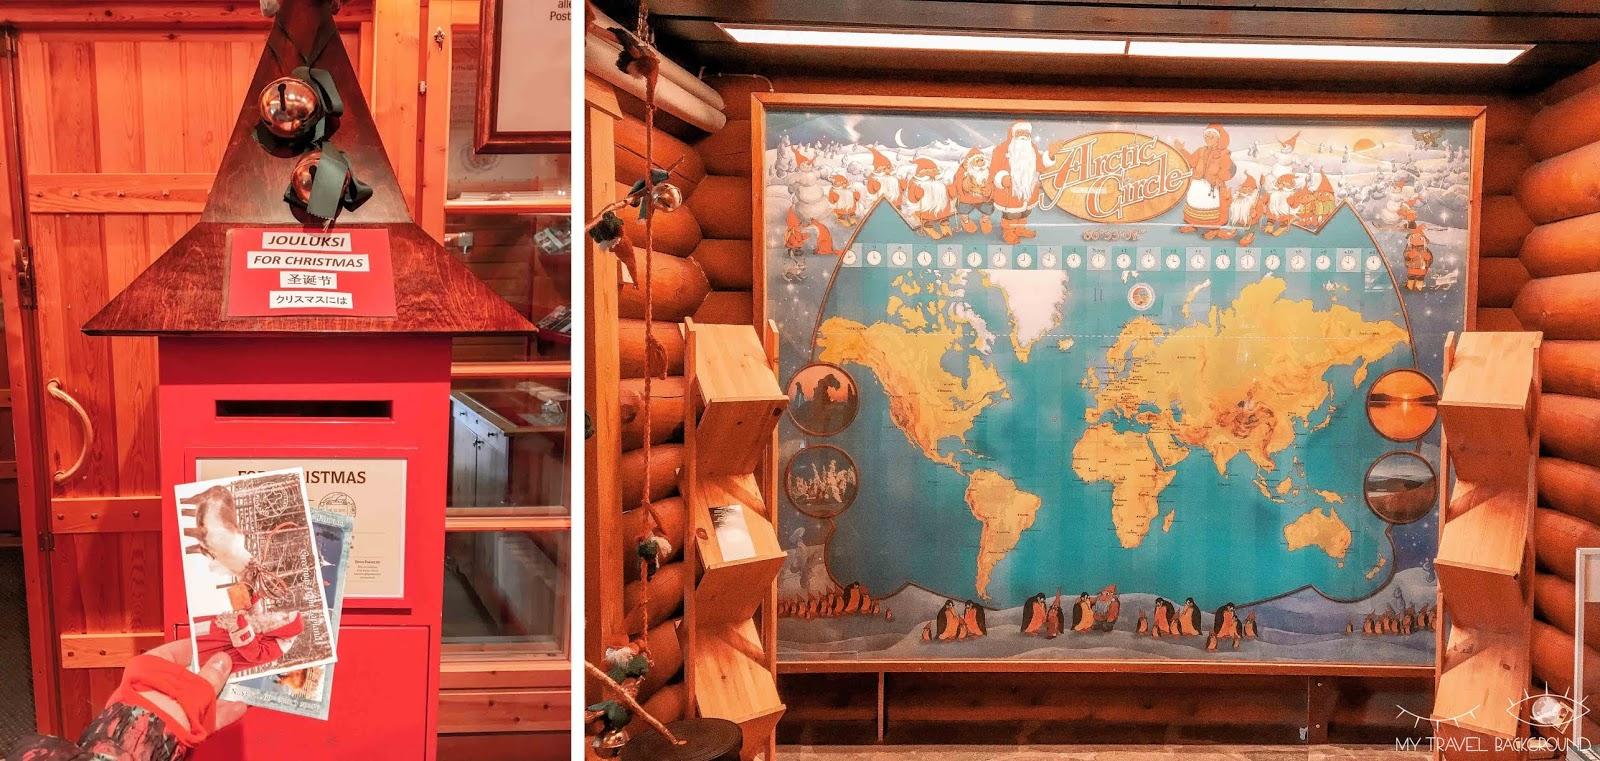 My Travel Background : le jour où j'ai rencontré le Père Noël en Laponie - La poste du Père Noël